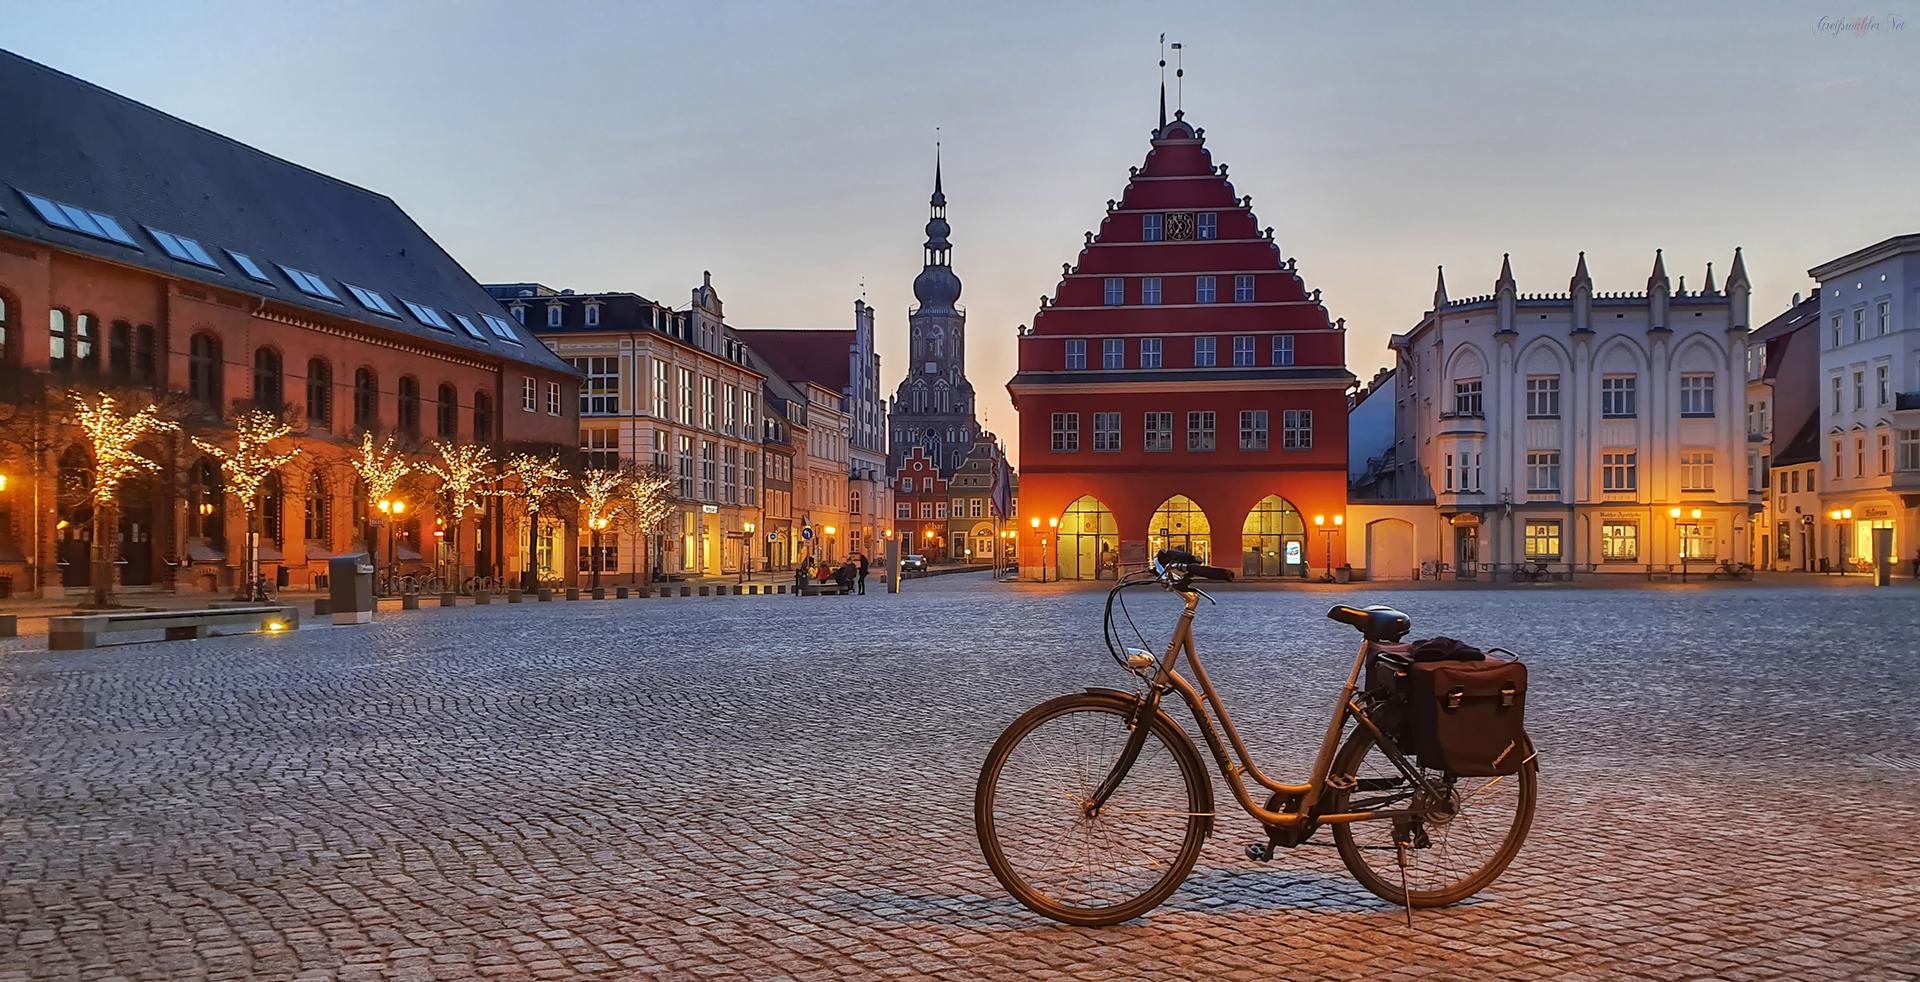 Marktplatz Greifswald am Abend